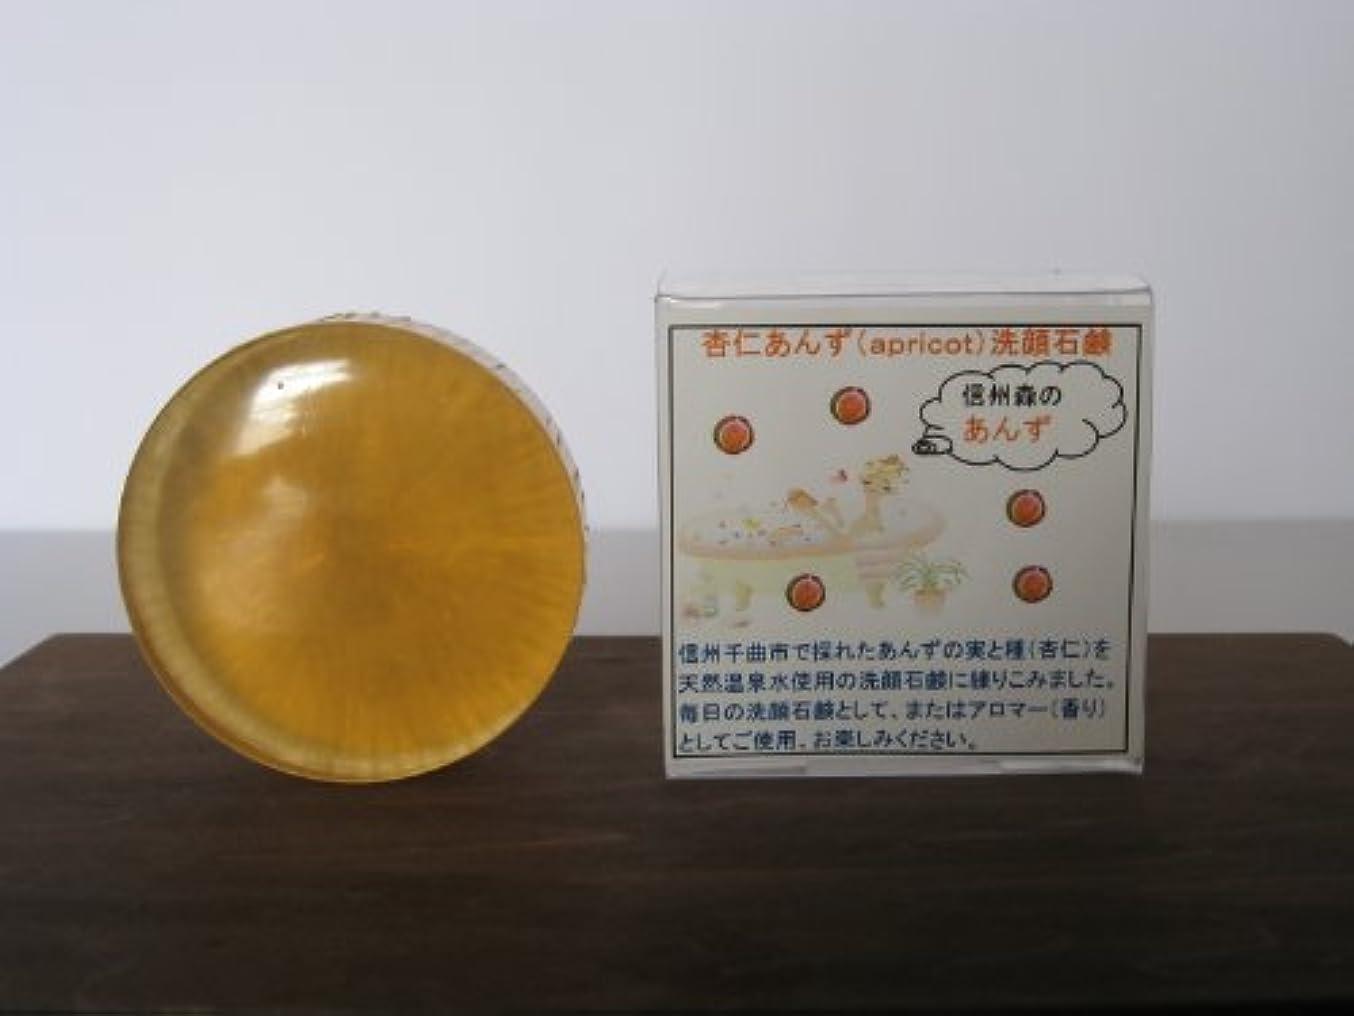 ジュース補充送信する森の杏仁あんず洗顔石鹸アプリコット